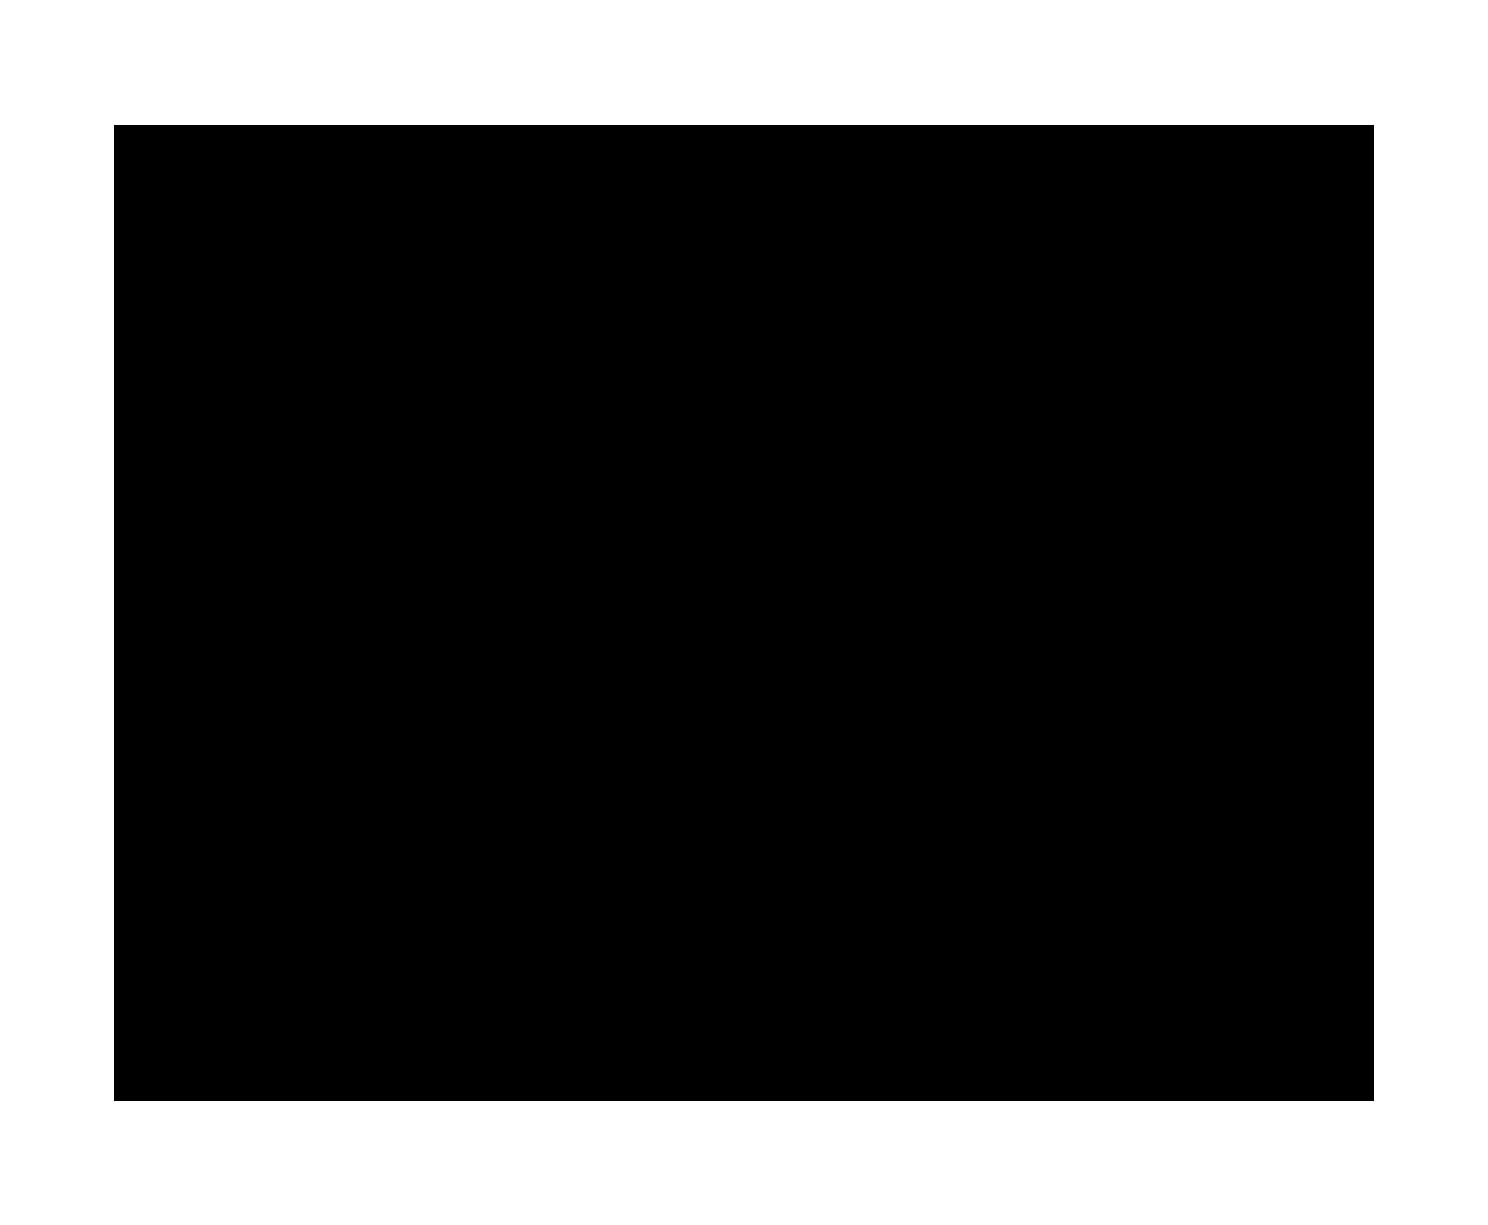 SCA LOGO - BLACK